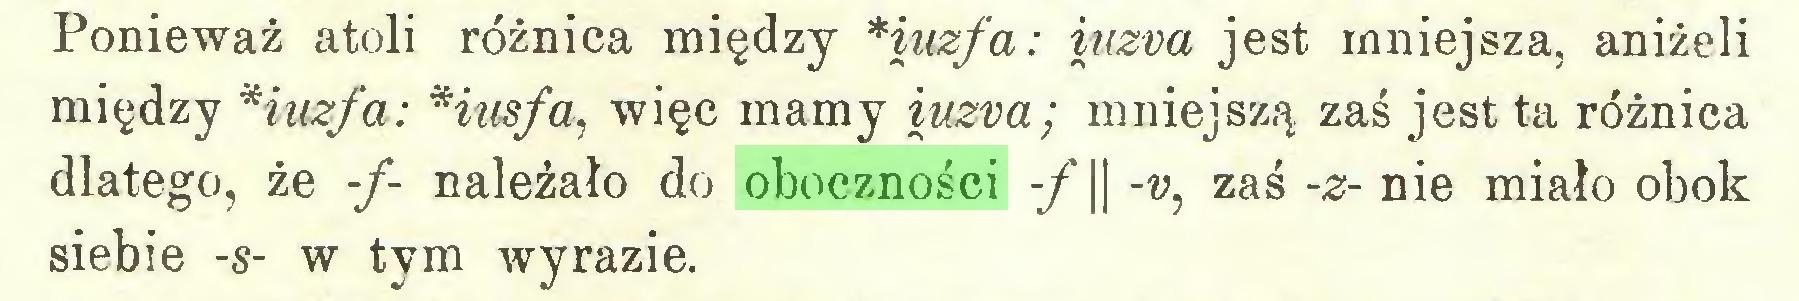 (...) Ponieważ atoli różnica między Huzfa: iuzva jest mniejsza, aniżeli między Huzfa: Husfa, więc mamy iuzva; mniejszą zaś jest ta różnica dlatego, że f- należało do oboczności -f\\ -w, zaś -z- nie miało obok siebie -s- w tym wyrazie...